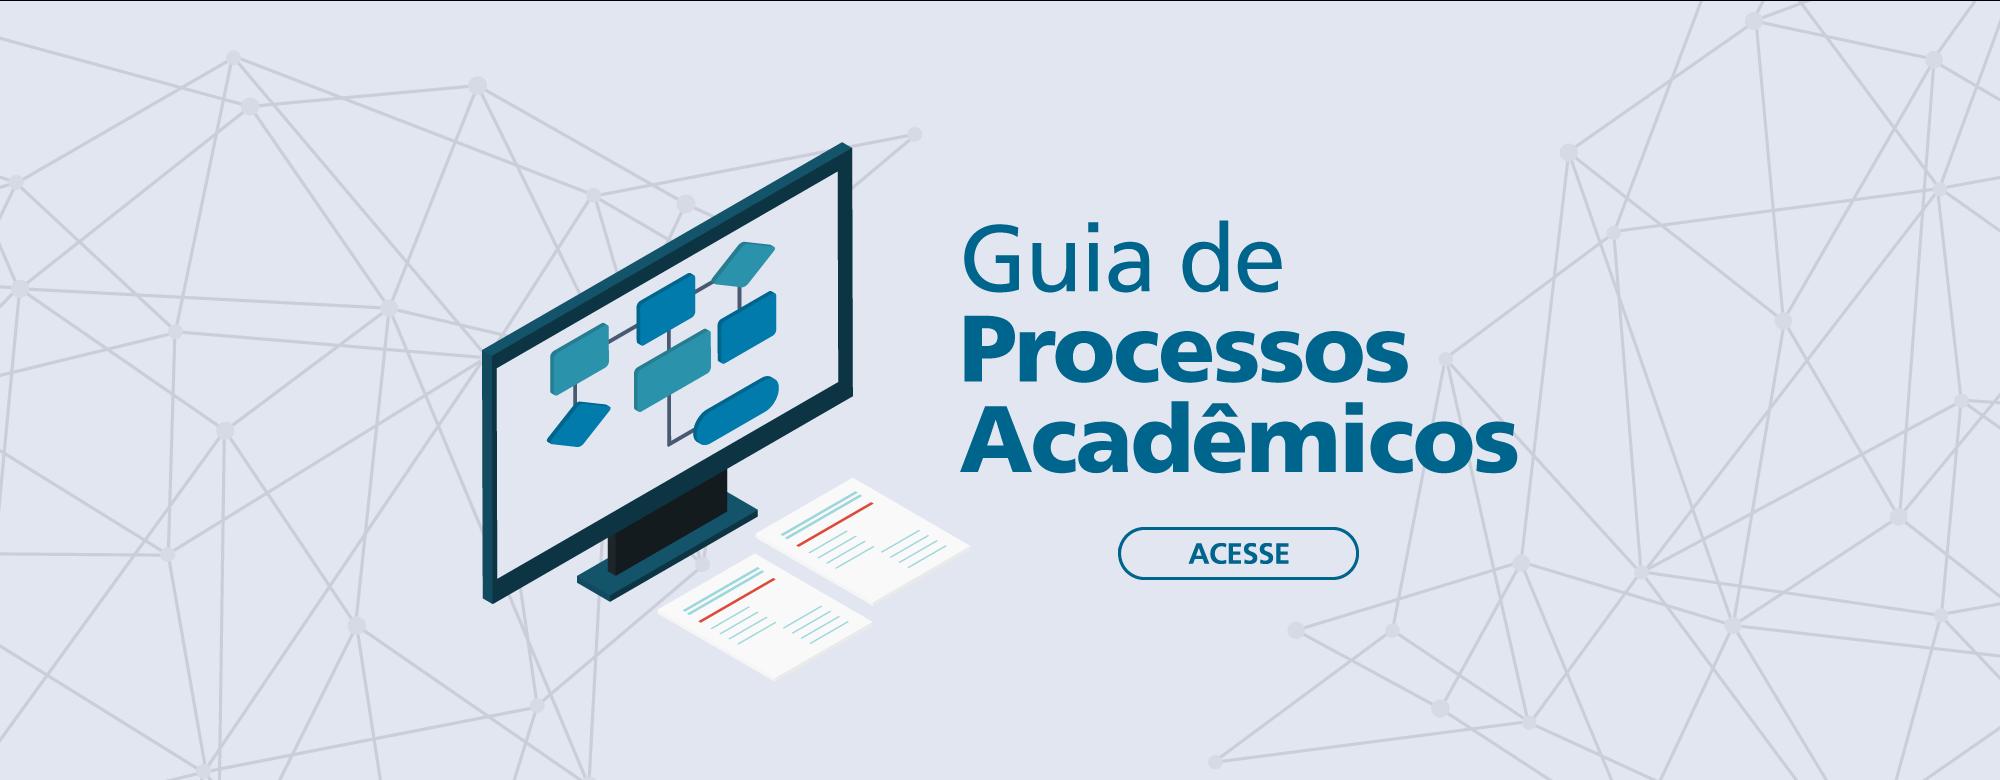 Guia de Processos Acadêmicos